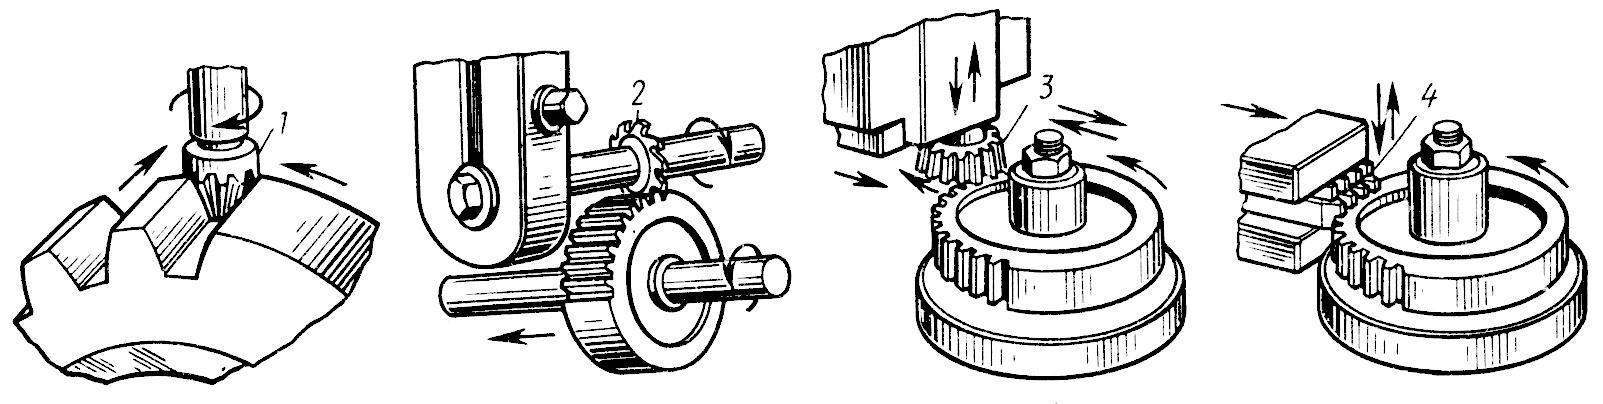 Как нарезать шлицы внутри втулки